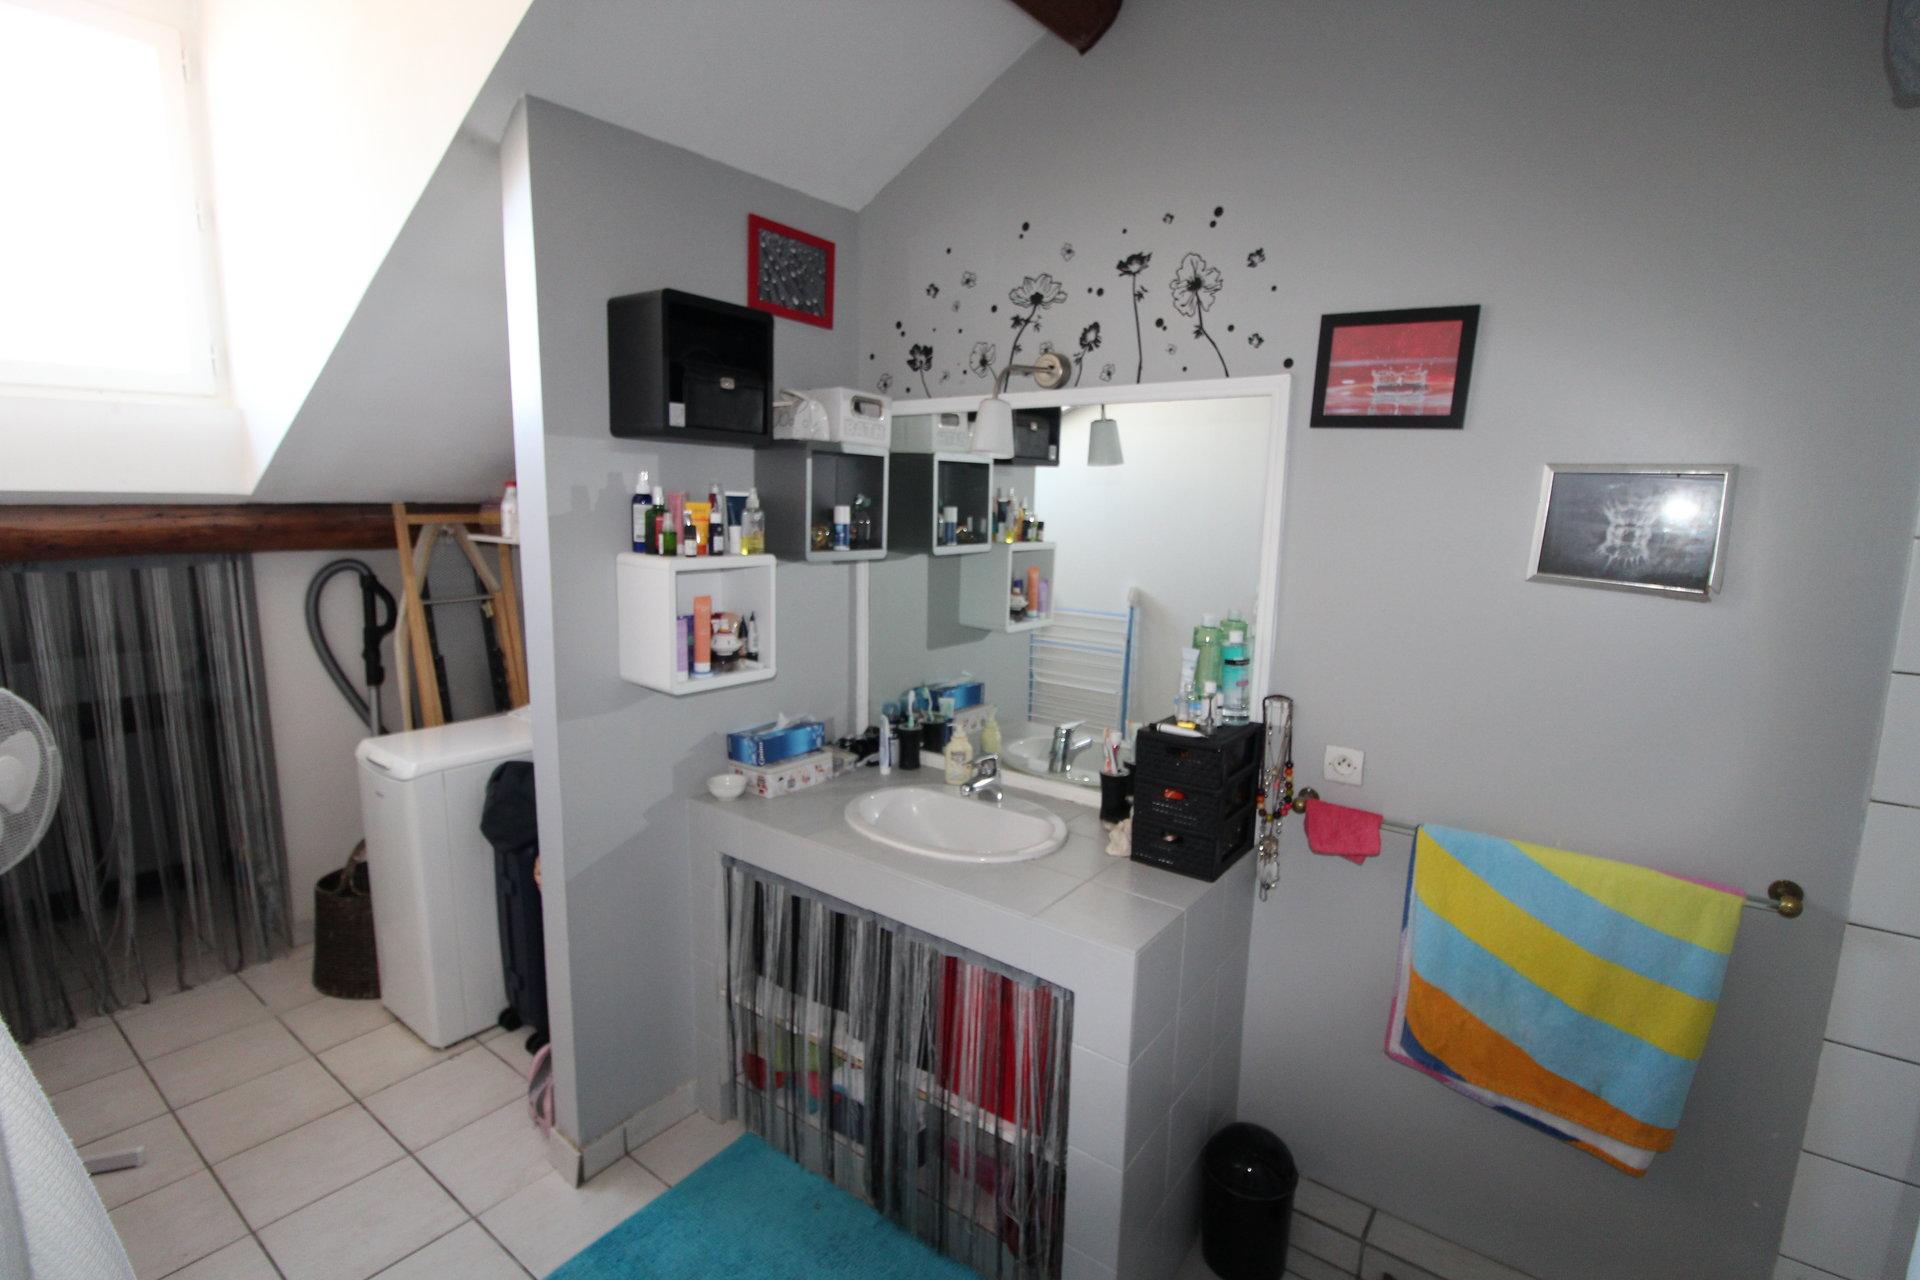 Appartement Saint-Etienne / Bel Air 5 pièces 88,61m2